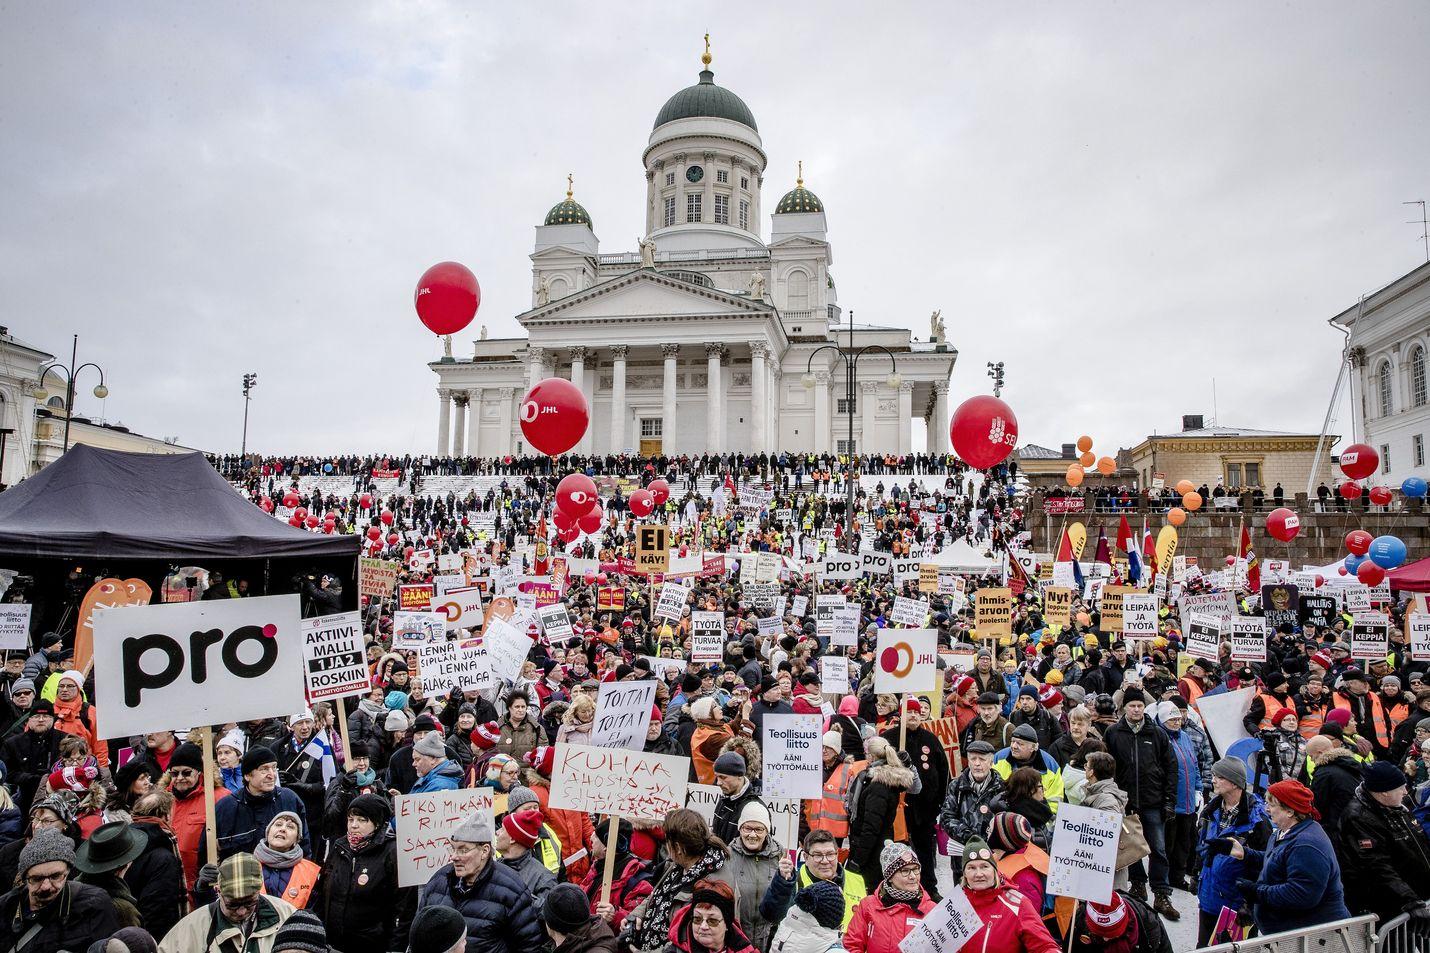 Teknologiateollisuus päätti lopettaa jäsenyrityksissään ay-jäsenmaksujen perimisen Ammattiliitto Pron jäsenten palkasta. Kuvassa mielenosoitus aktiivimallia vastaan Helsingissä helmikuussa 2018.